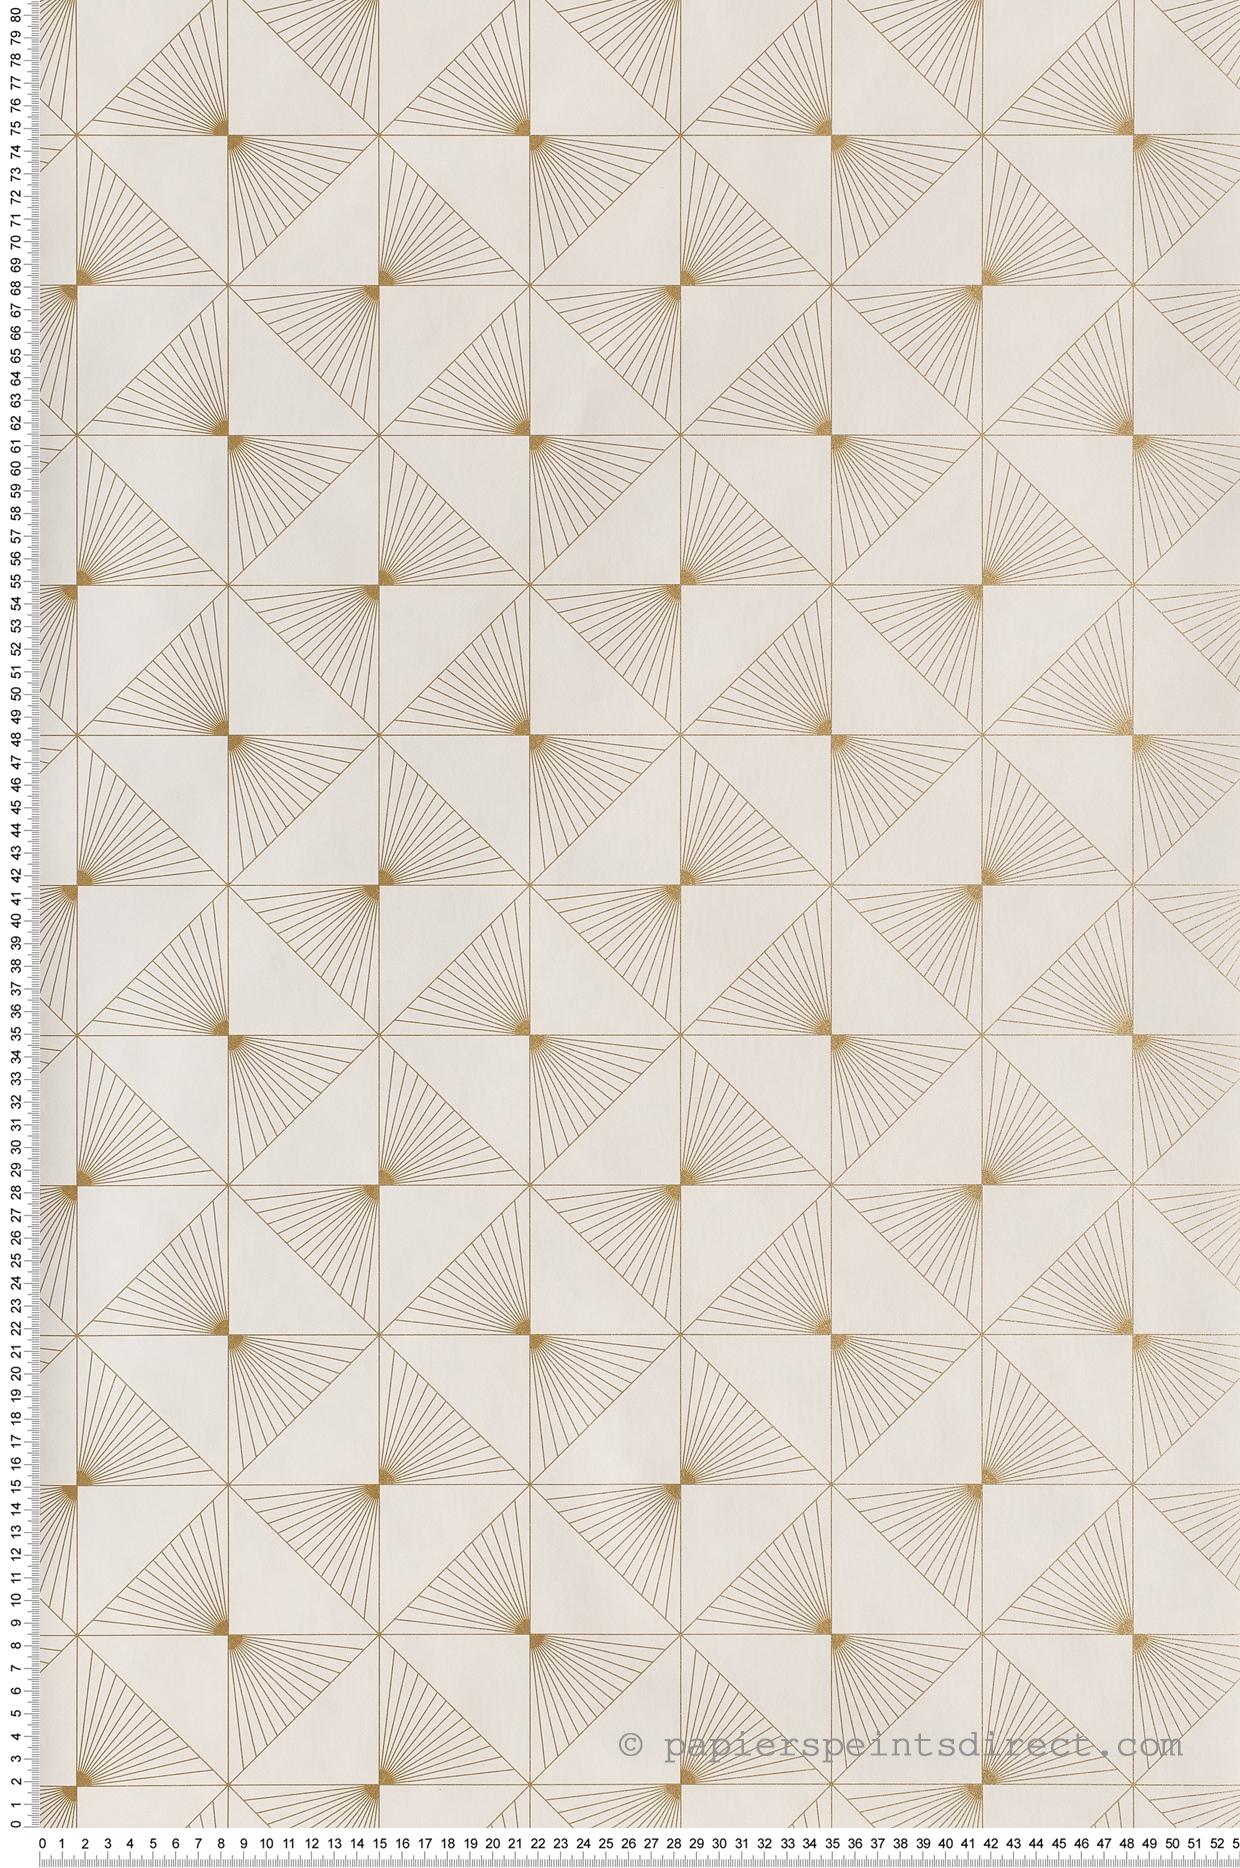 Papier peint Lines blanc or - Spaces de Casélio | Réf. SPA100130020